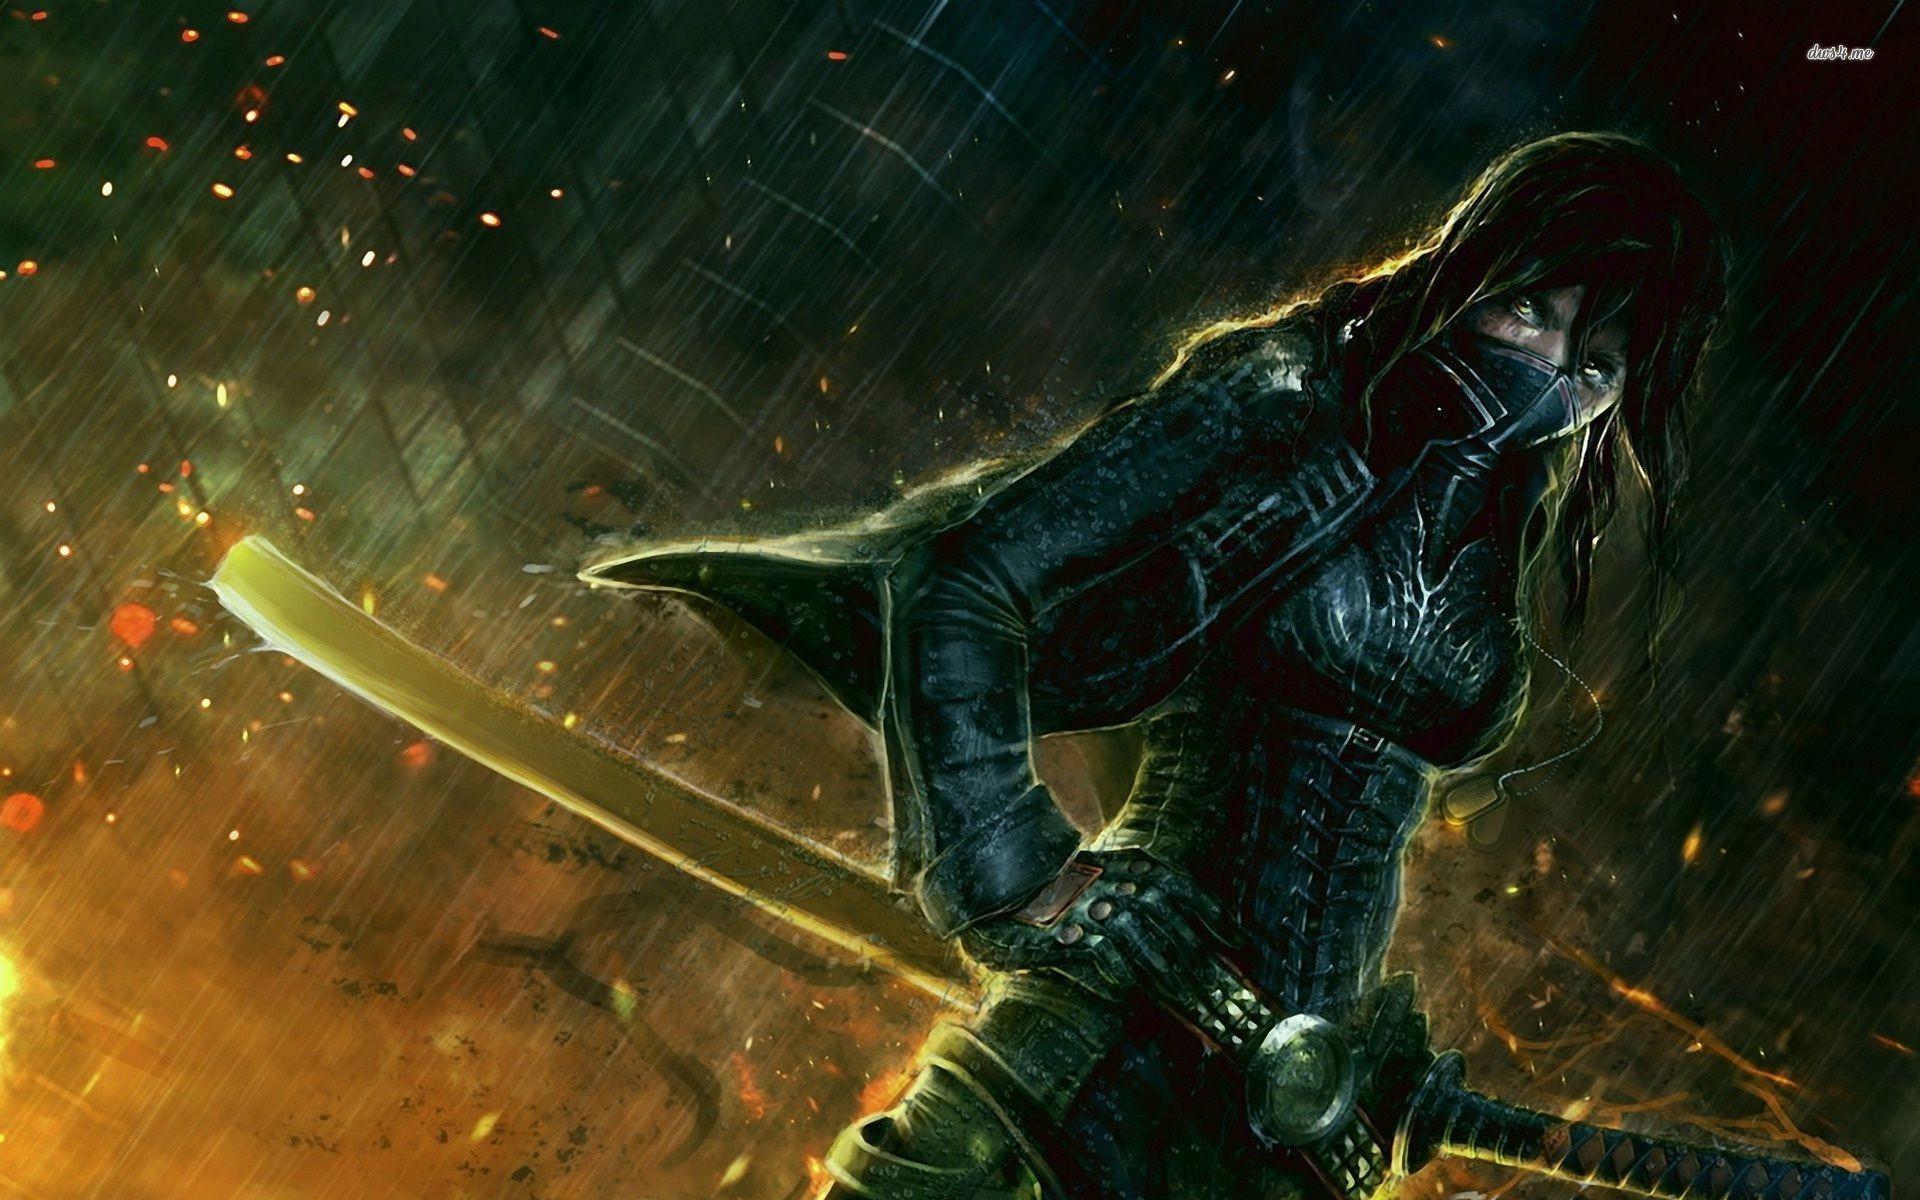 … Samurai warrior girl in the rain